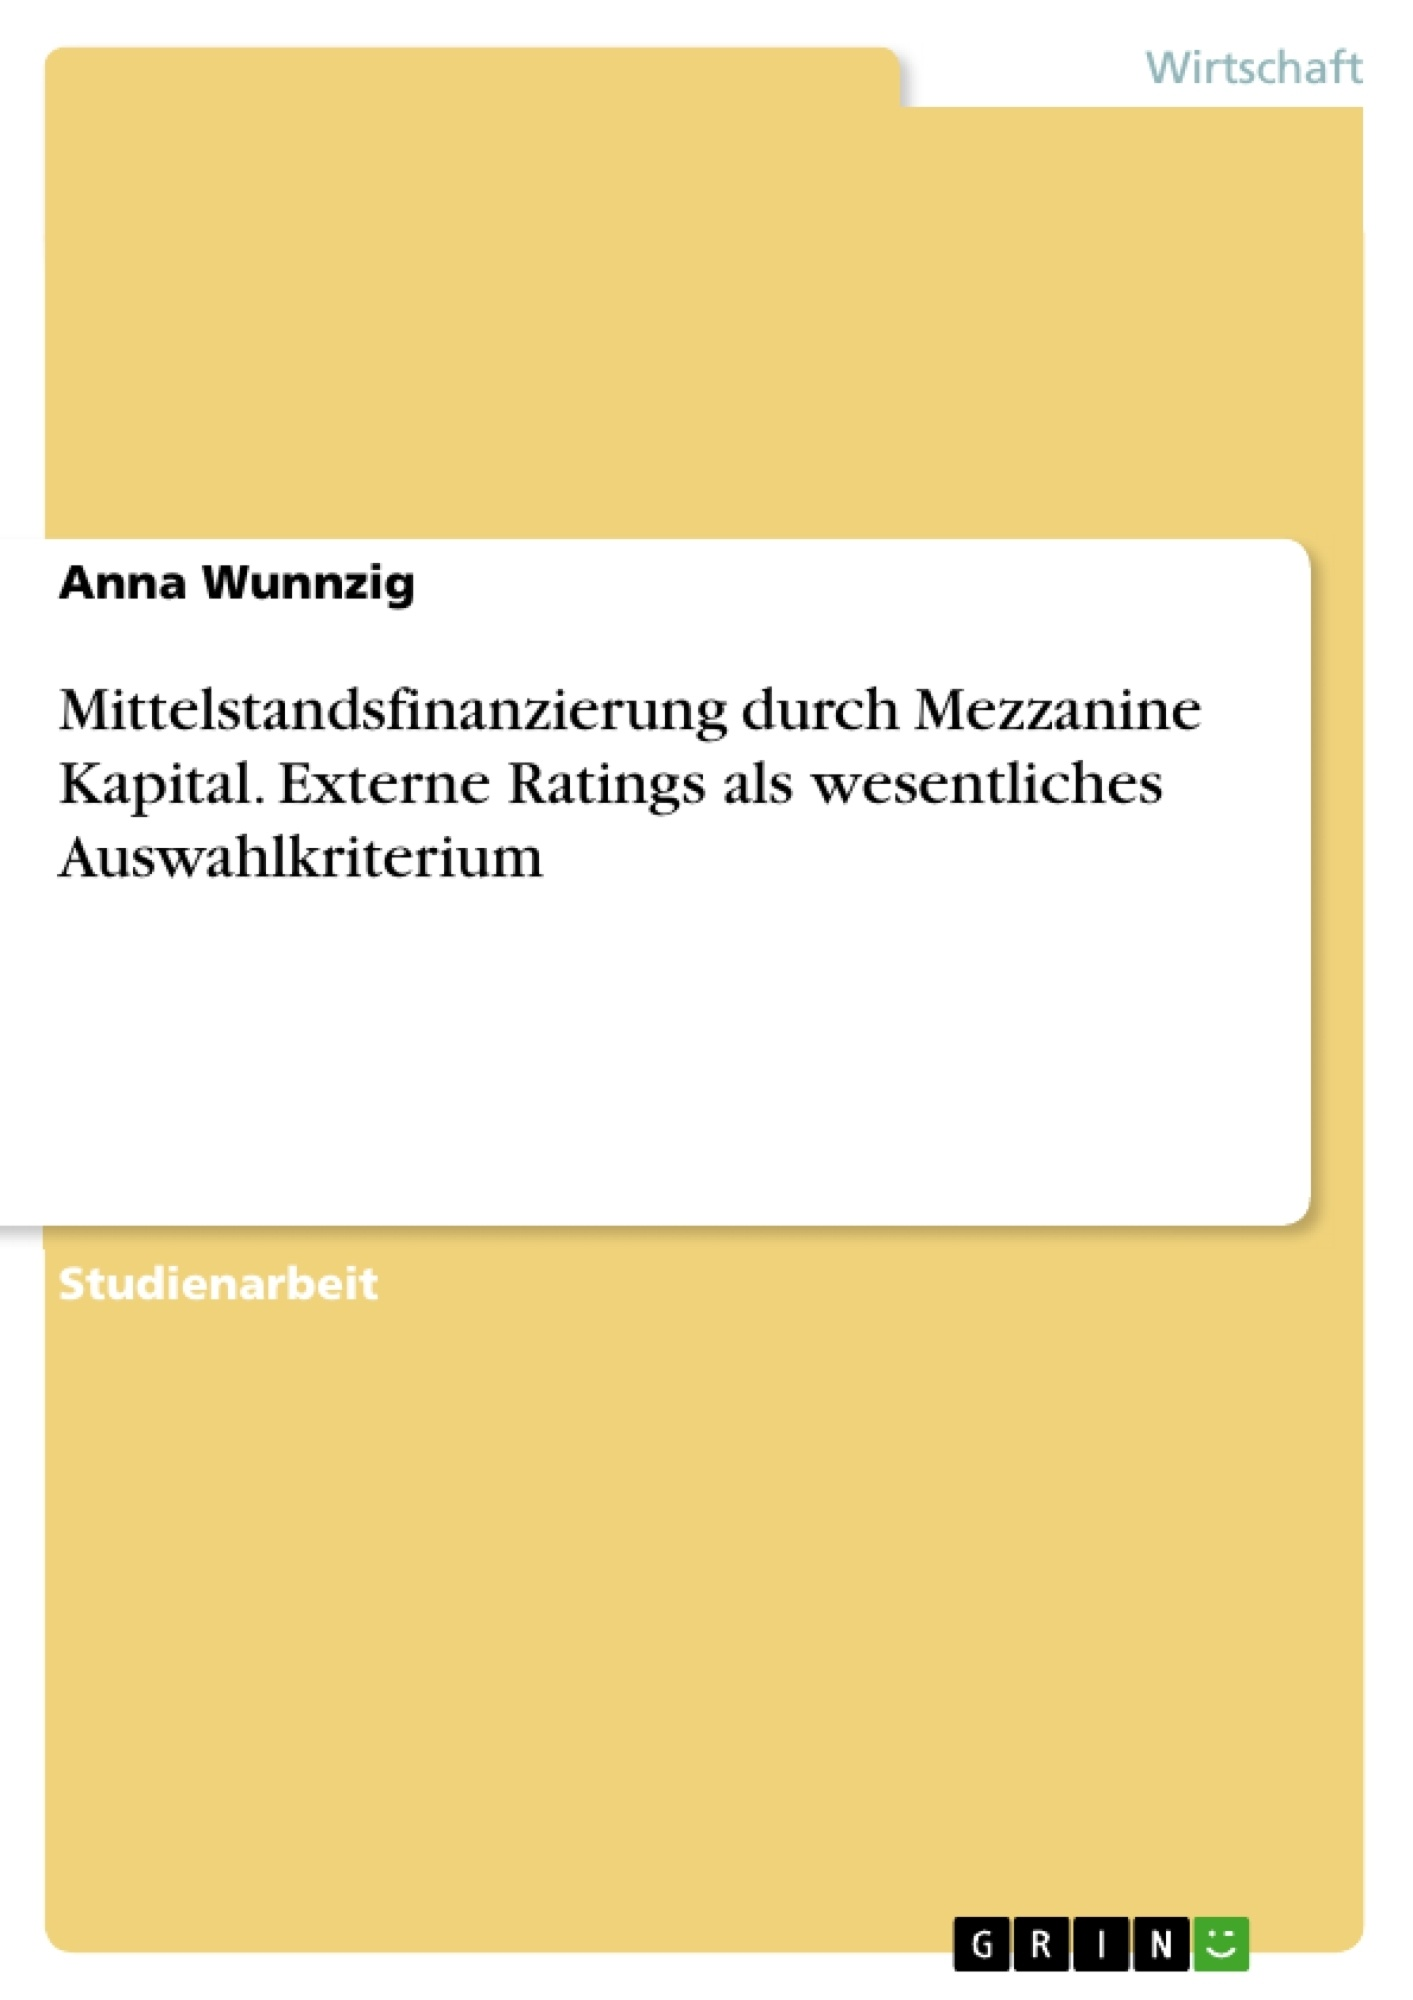 Titel: Mittelstandsfinanzierung durch Mezzanine Kapital. Externe Ratings als wesentliches Auswahlkriterium